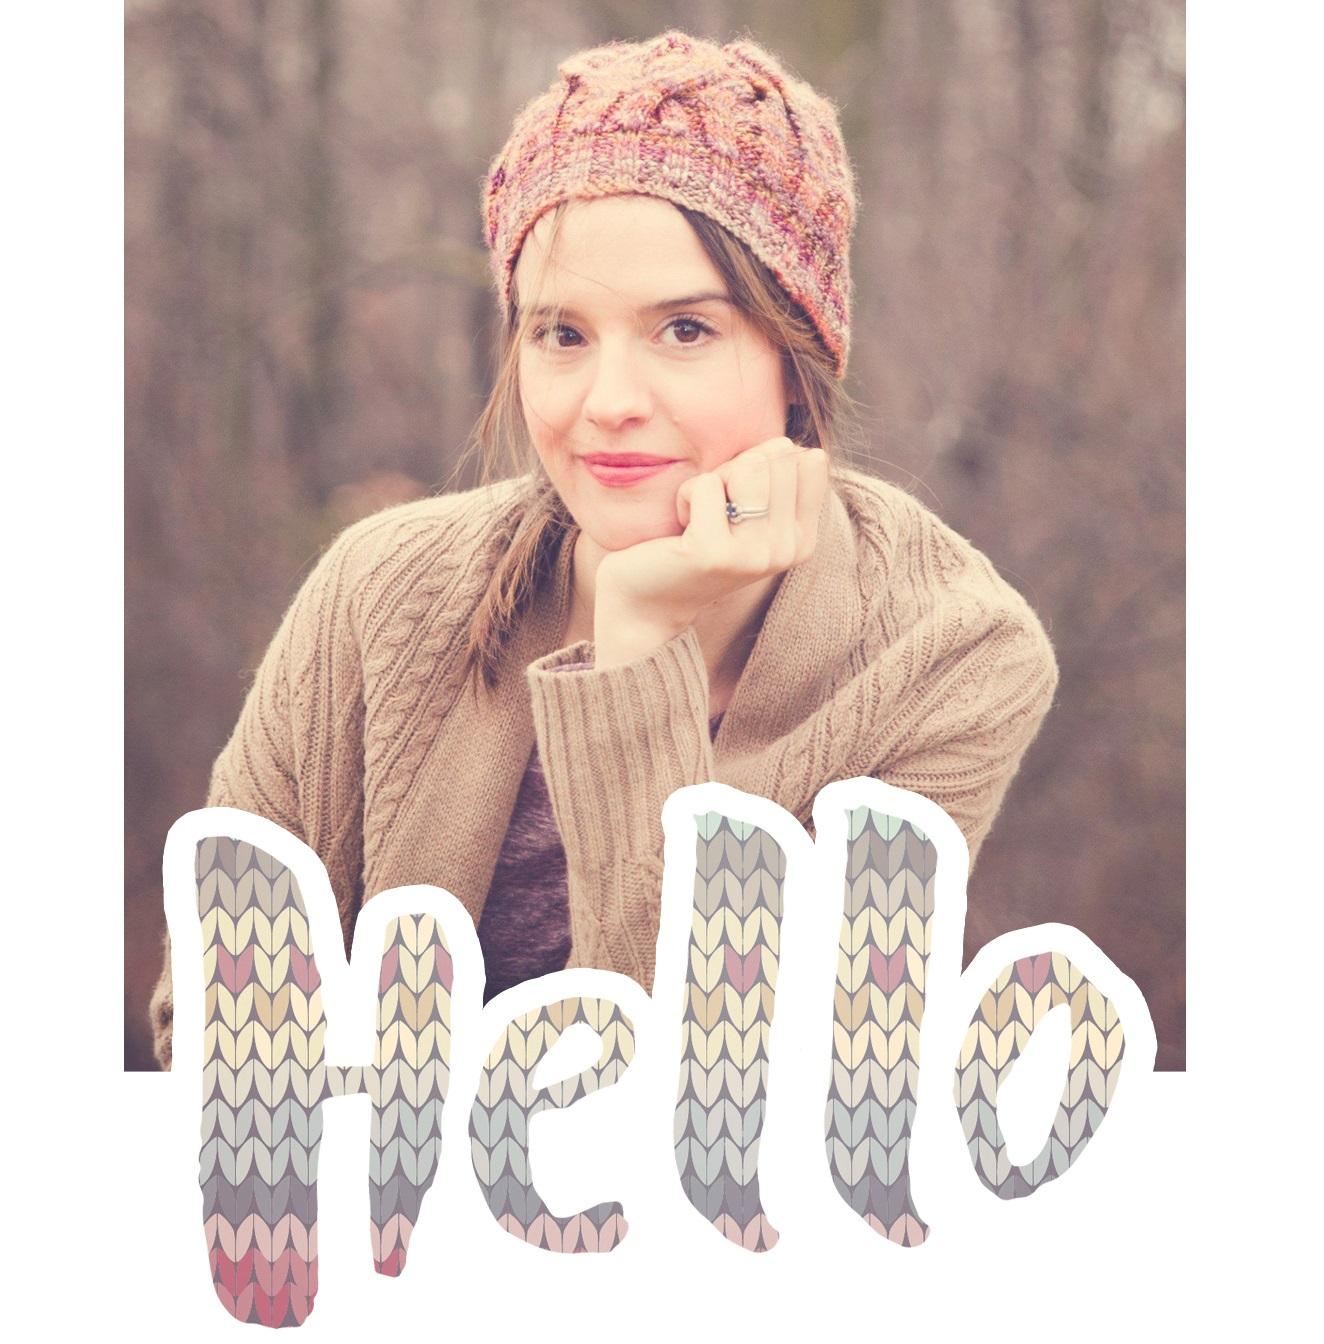 Bonjour!